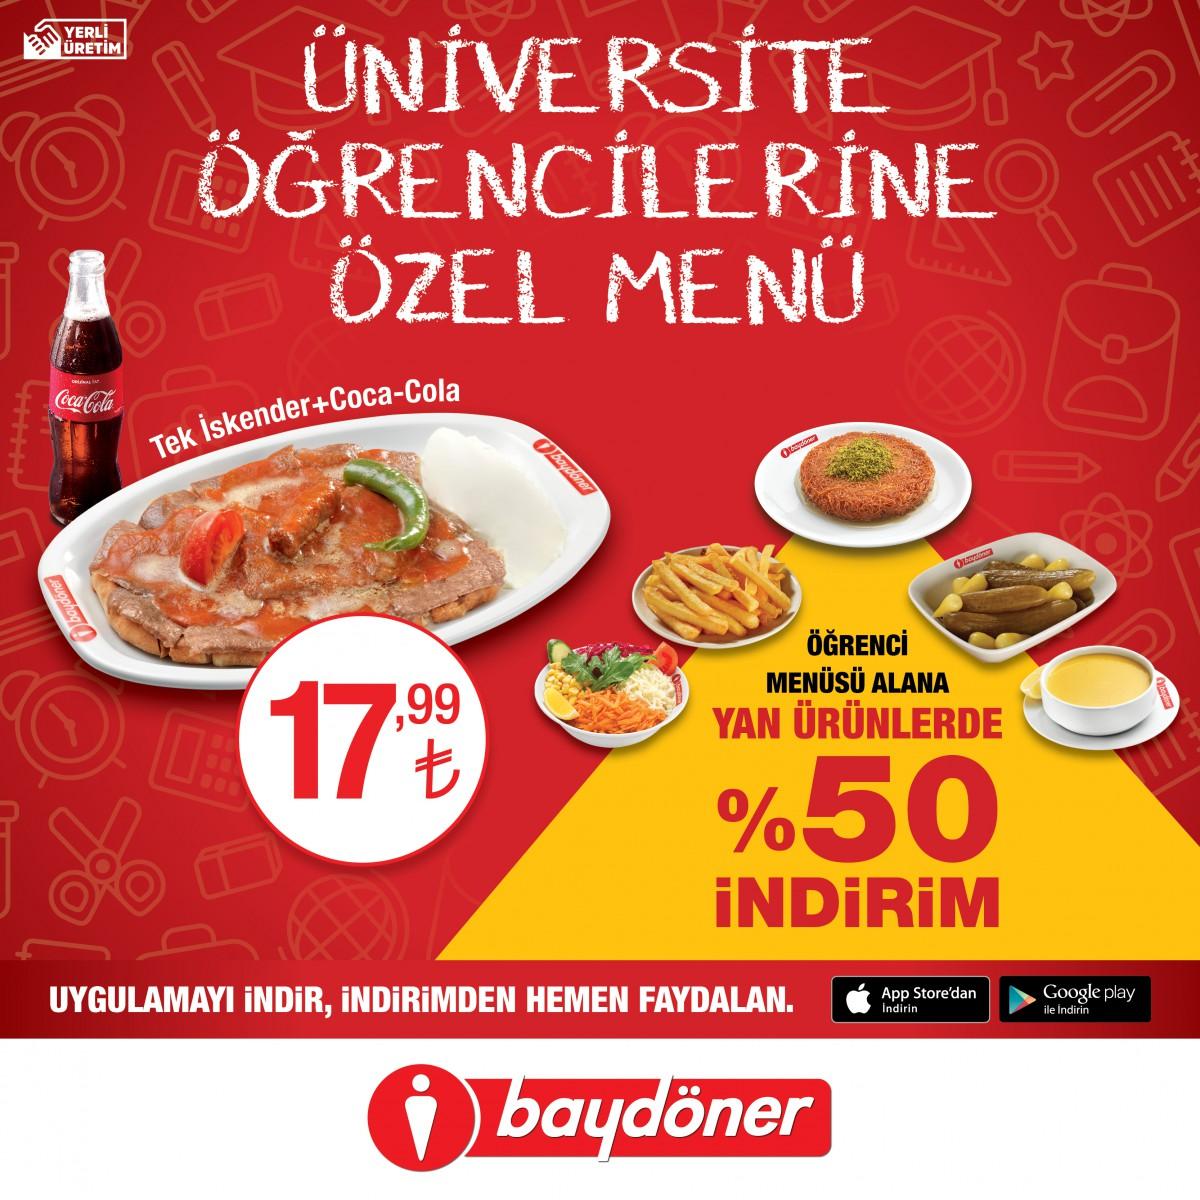 Baydöner'den üniversite öğrencilerine özel menü! Tek İskender + Coca-Cola sadece 17,99 TL. Üstelik Öğrenci Menü alana yan ürünlerde %50 indirim. Hemen Baydöner uygulamasını indir, AntalyaMigros AVM Baydöner'e gel!